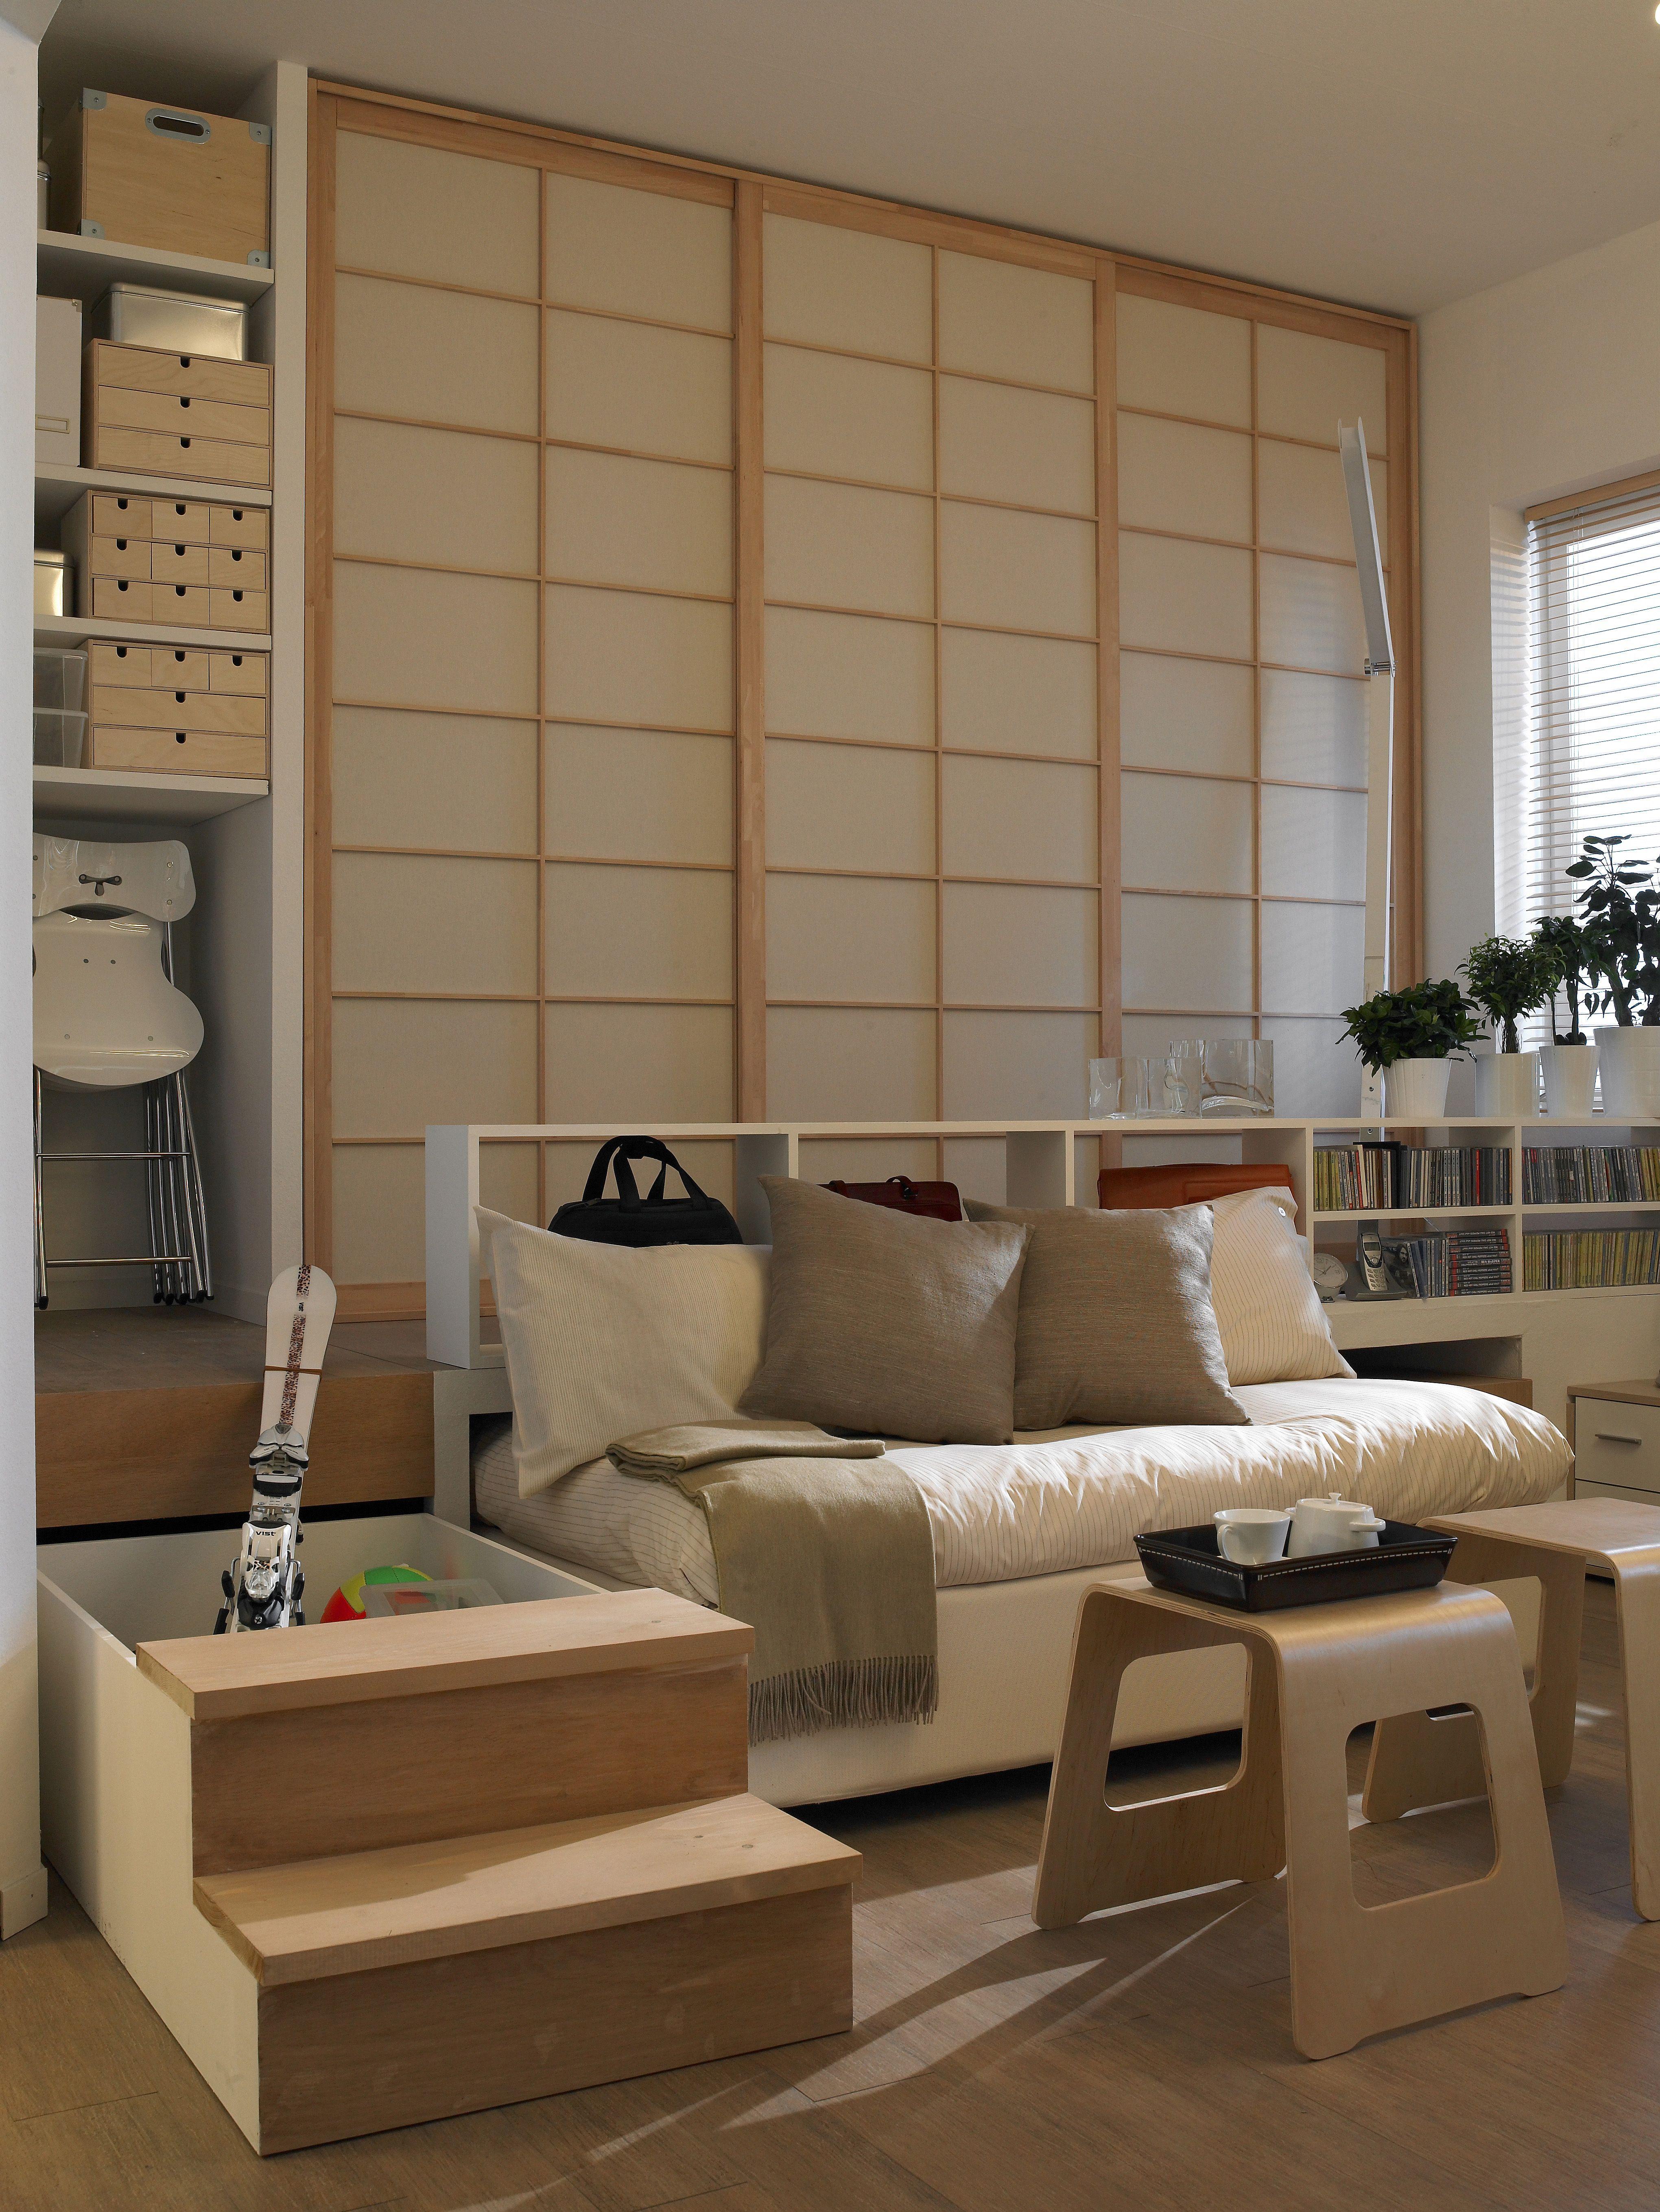 Idee casa moderna fai da te for Idee casa moderna